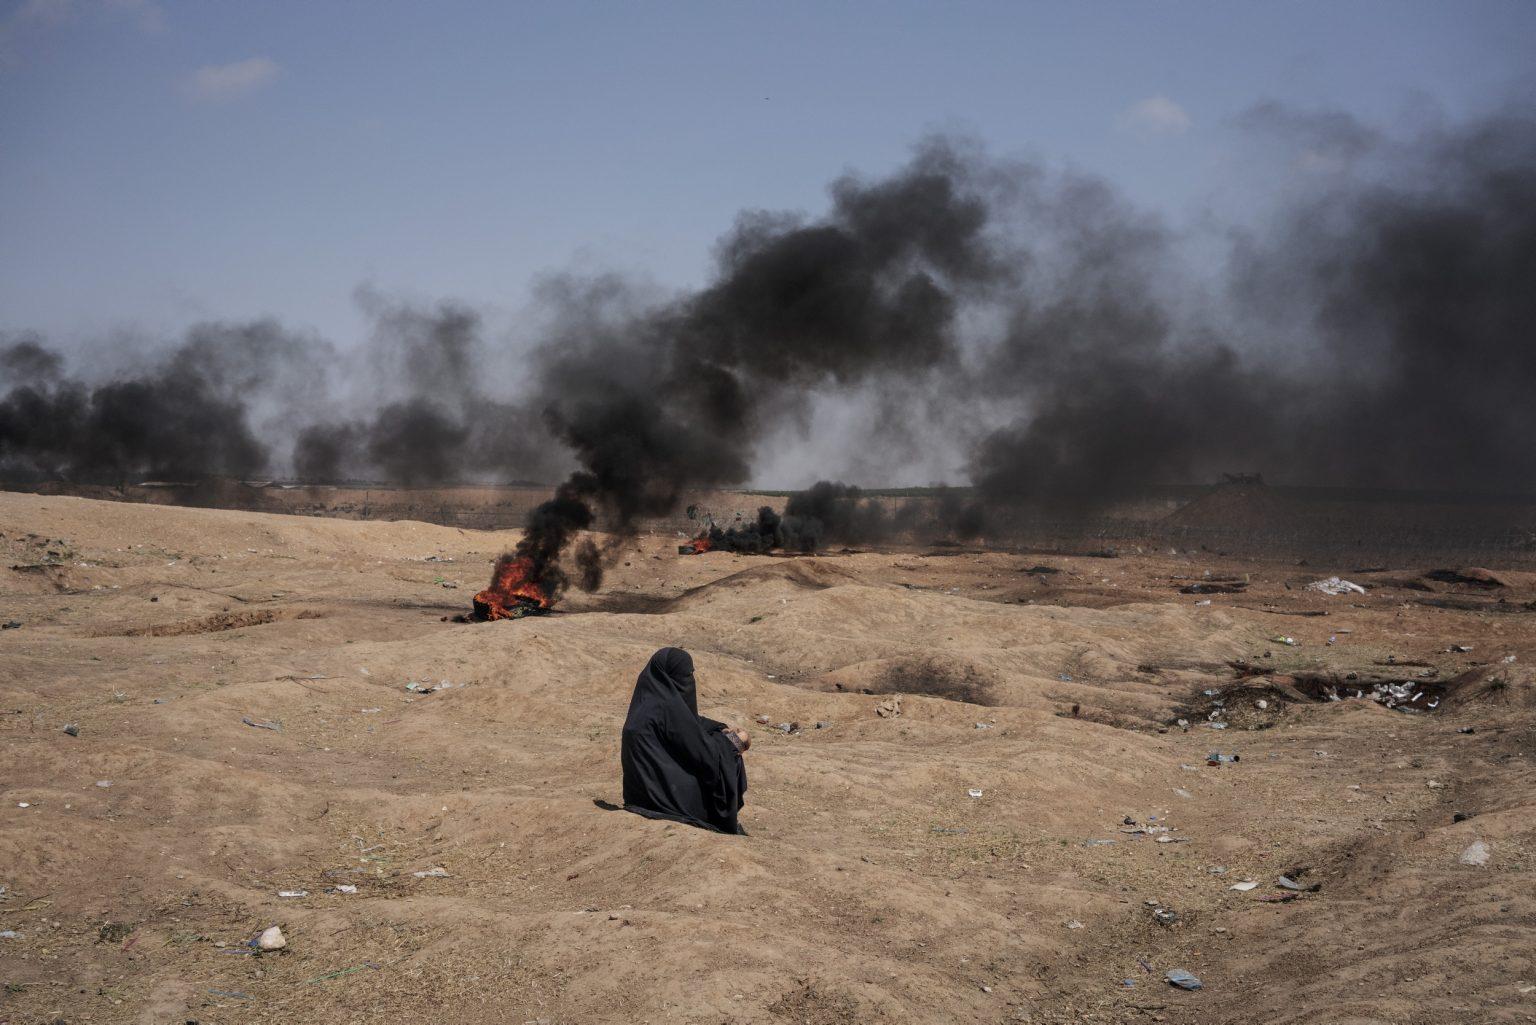 Gaza Strip, May 2018 - A woman seats near the border between Gaza and Israel during the protest. >< Striscia di Gaza, maggio 2018 - Una donna siede vicino al confine tra Gaza e Israele durante le proteste